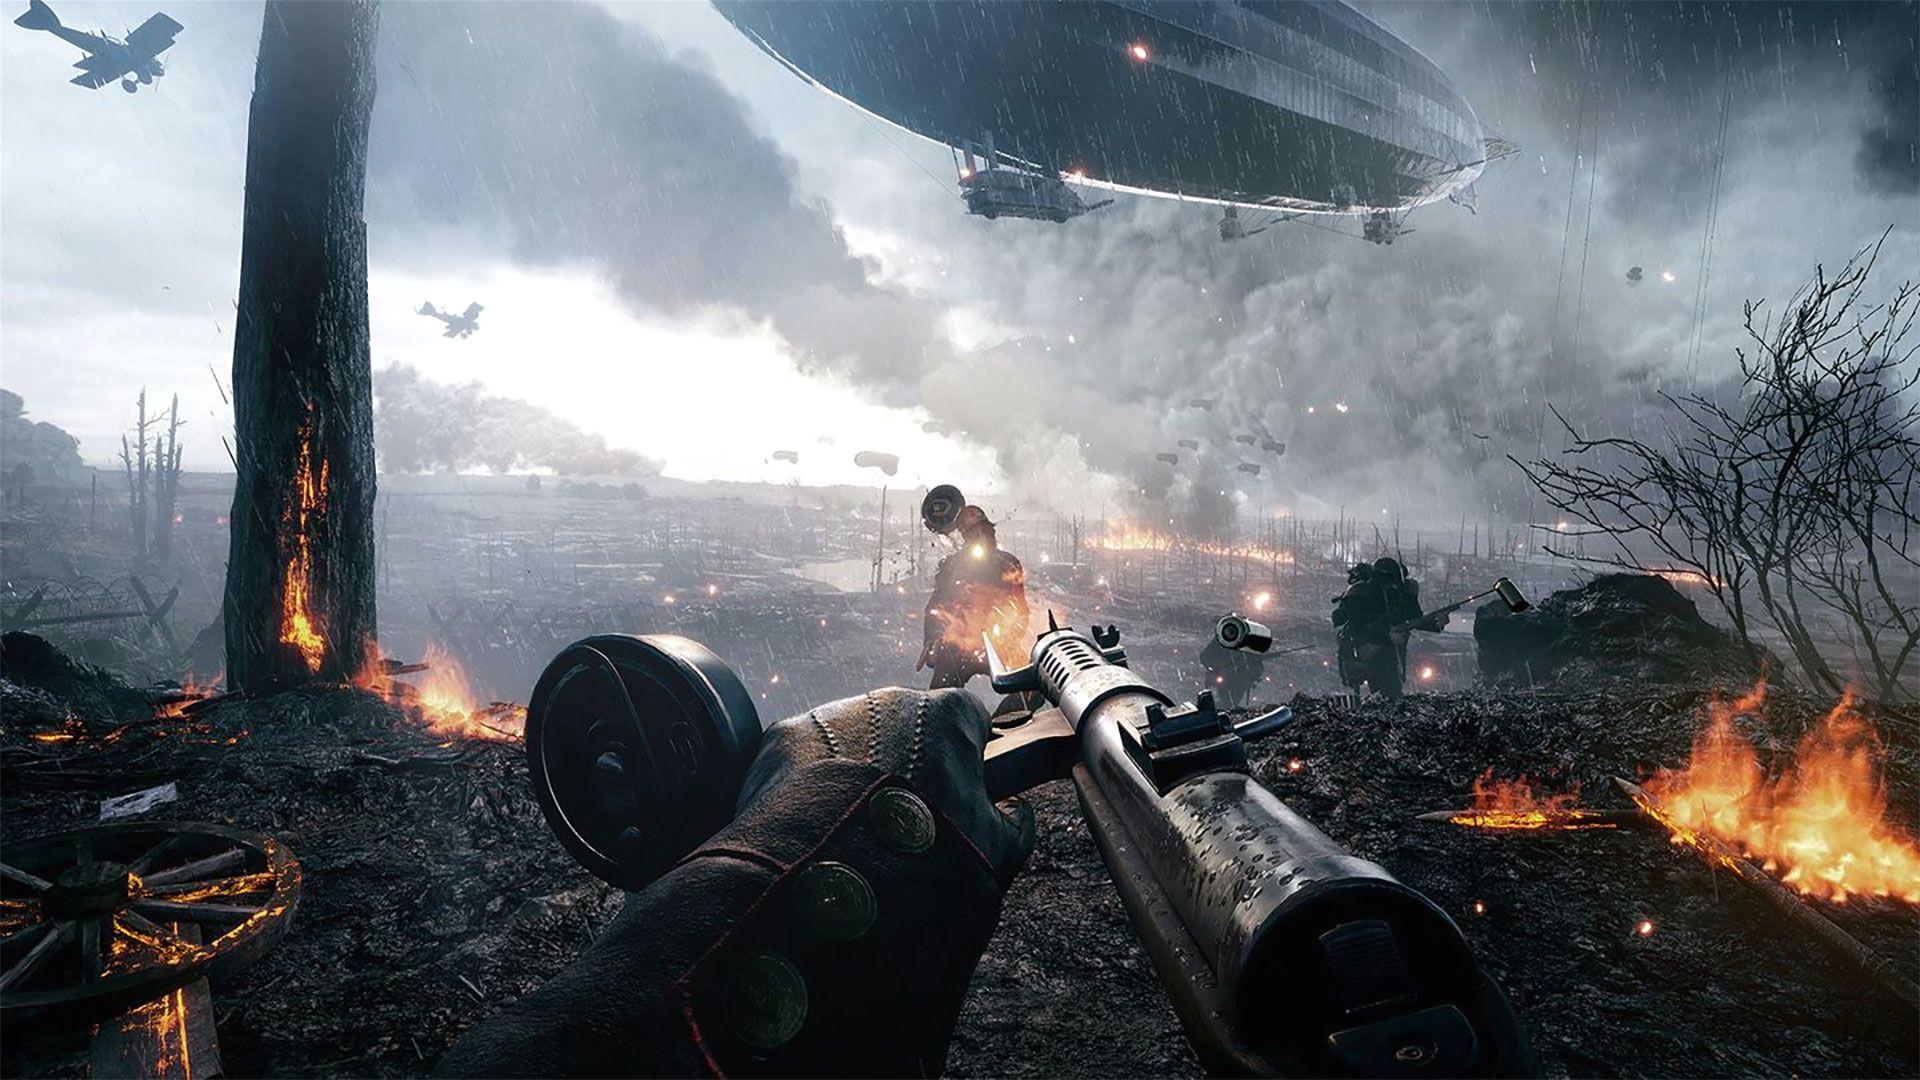 battlefield 1 aiming a gun on a flaming battlefield